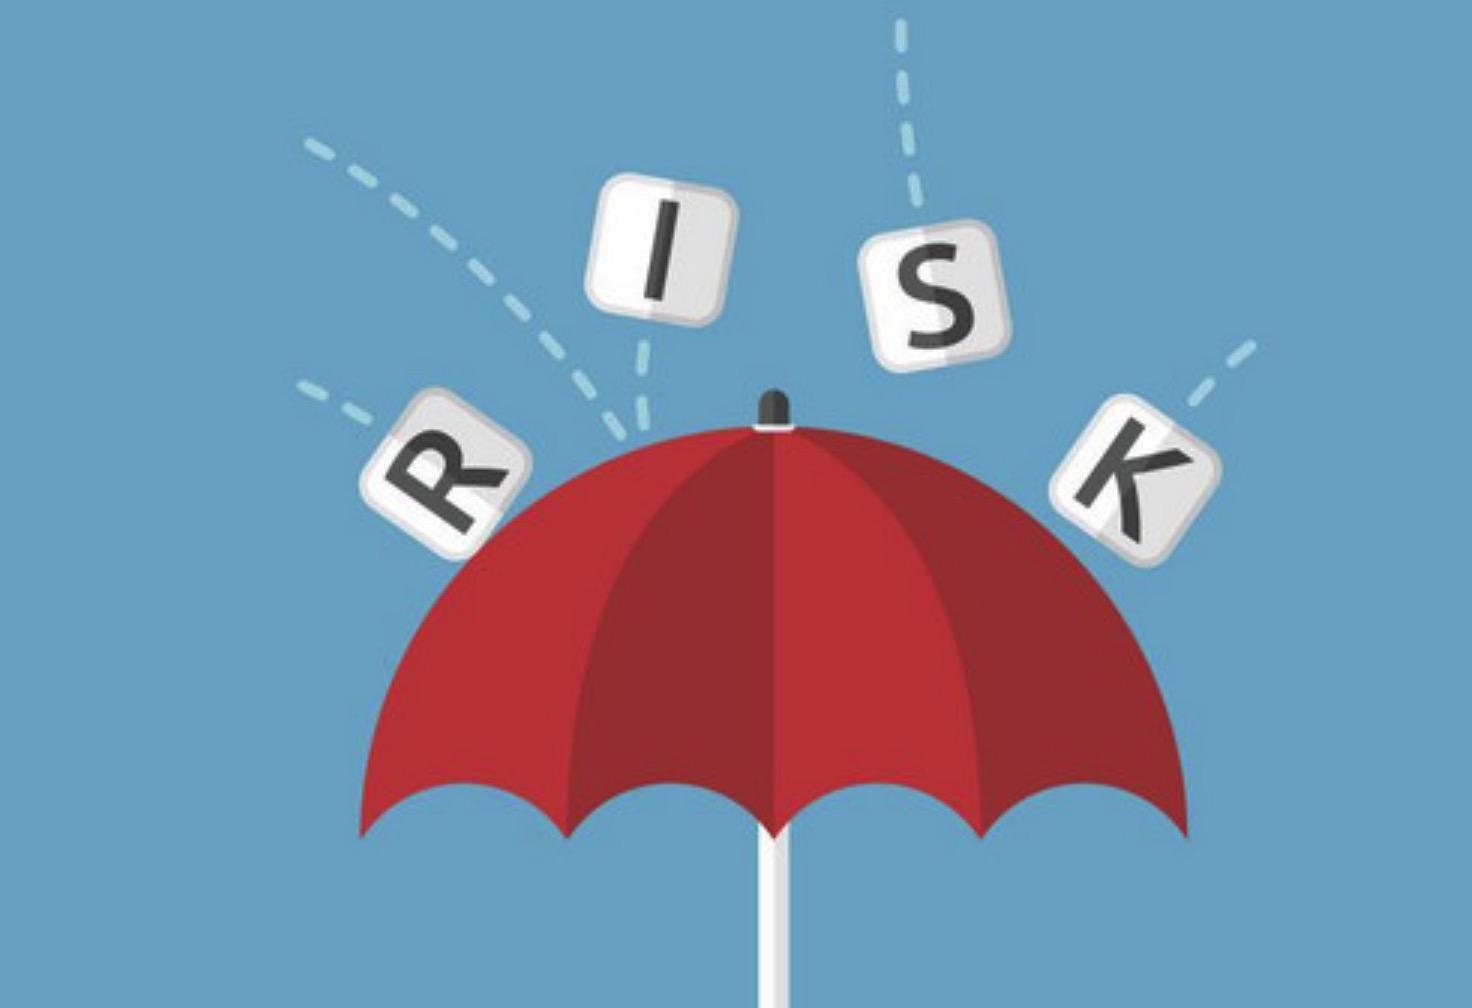 Quản lý rủi ro danh mục đầu tư cổ phiếu (Bài viết đặc biệt)